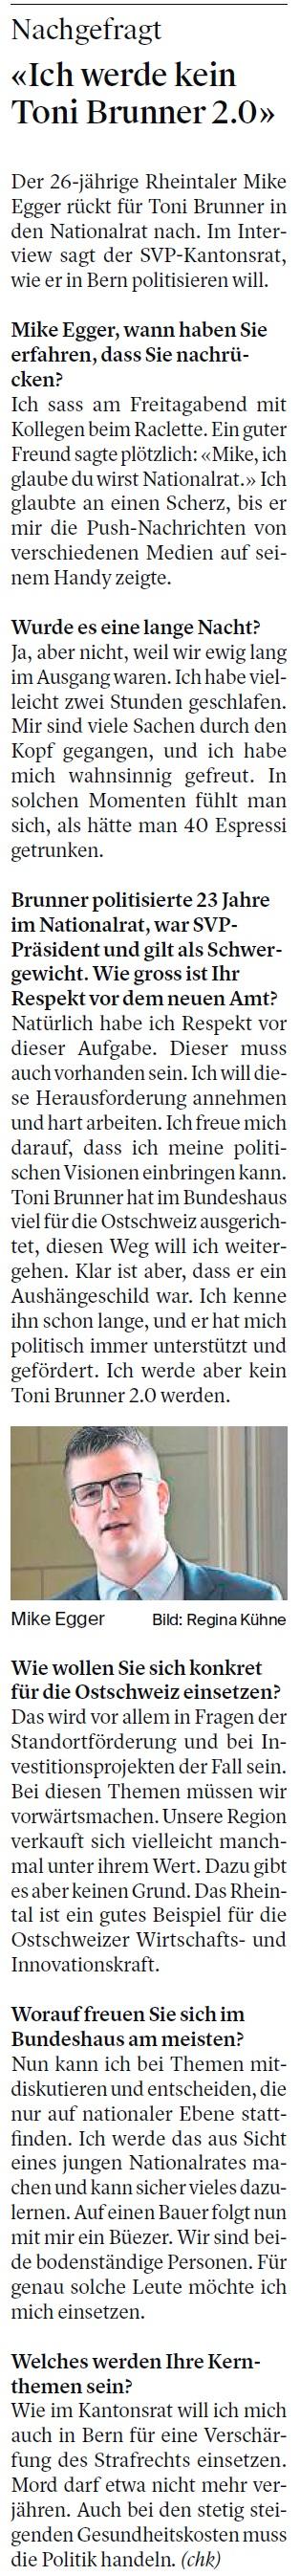 «Ich werde kein Toni Brunner 2.0» (Sonntag, 25.11.2018)